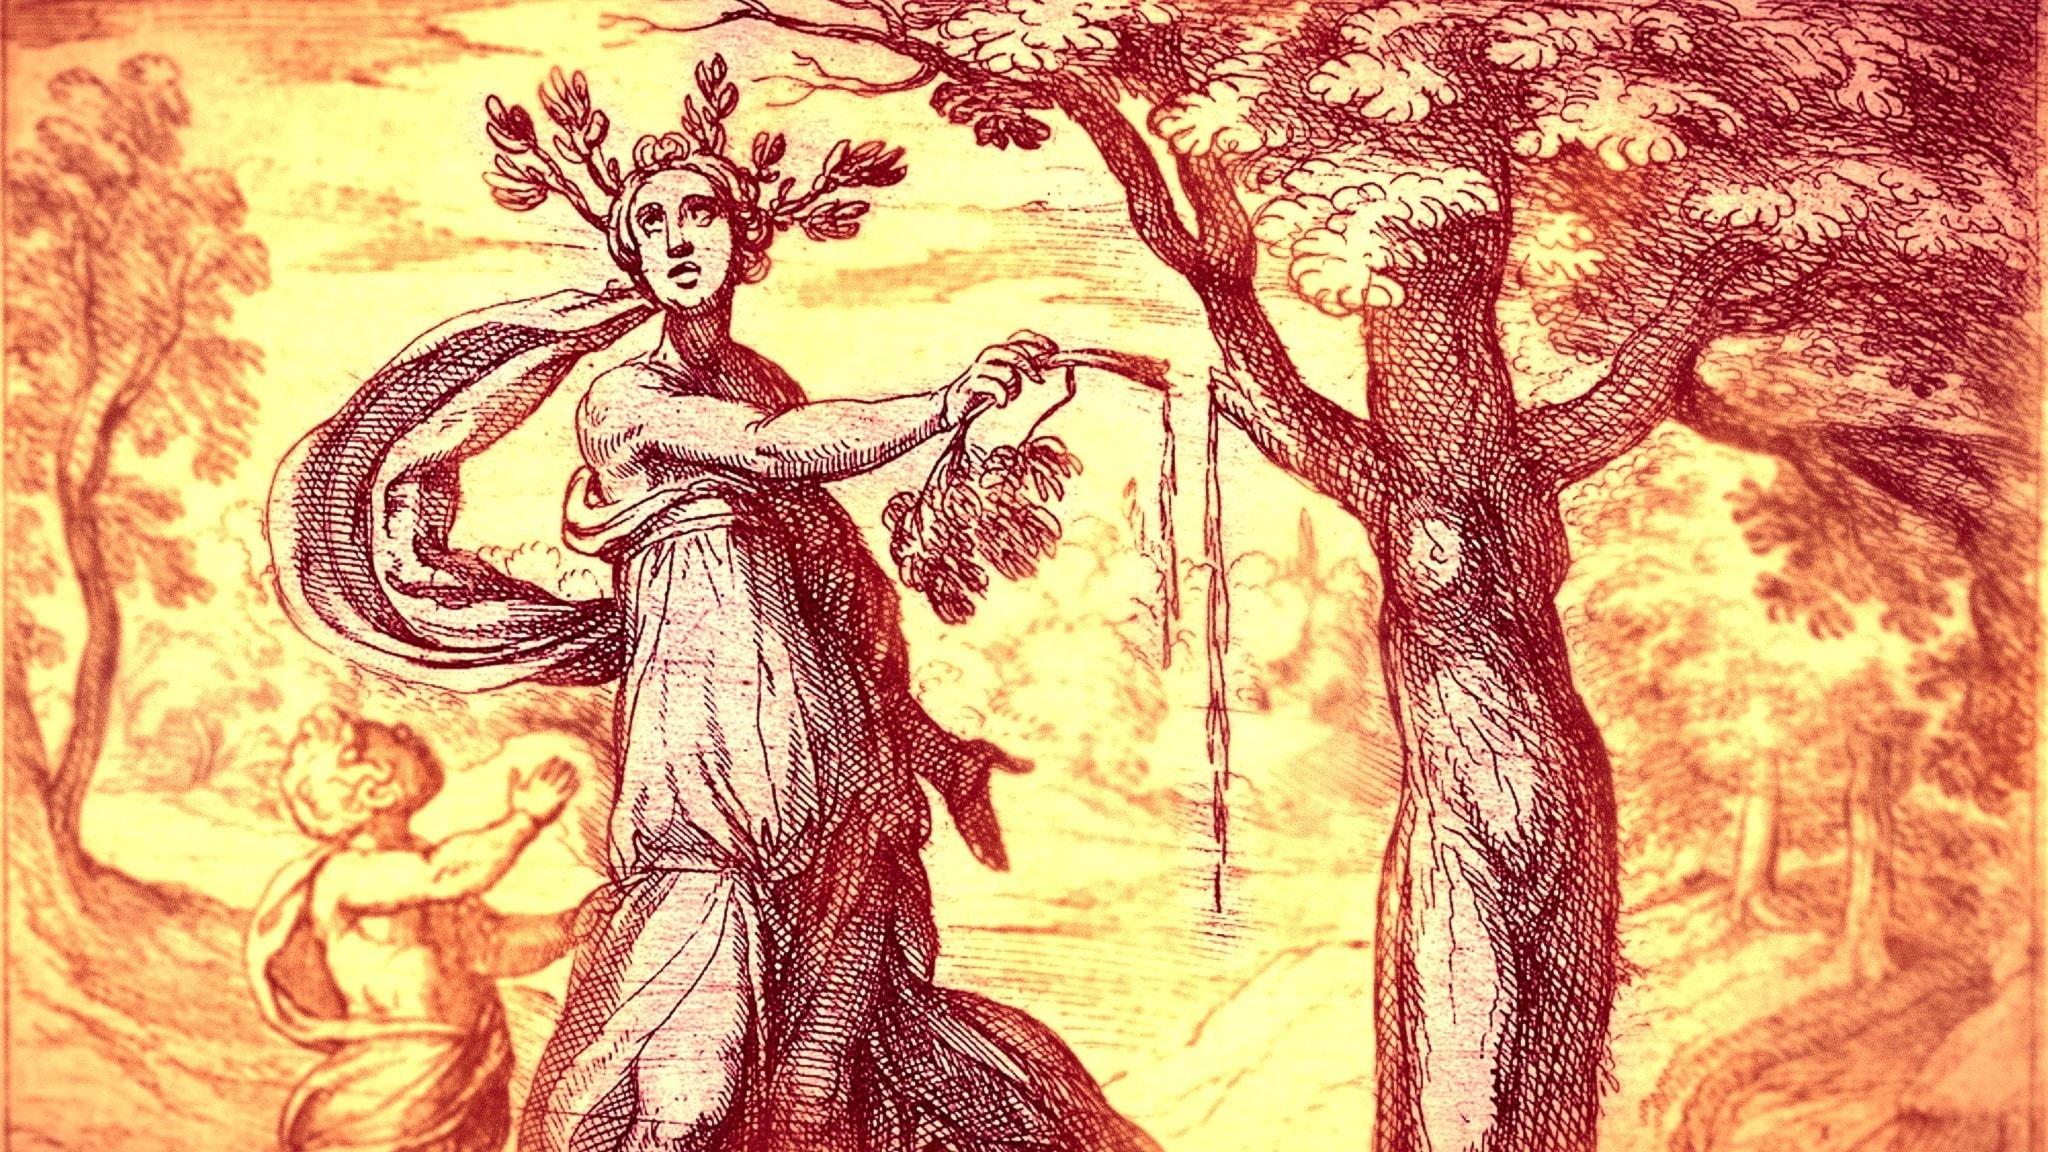 """Dryope förvandlas till ett Lotusträ, illustration från en 1600-talsutgåva av Ovidius """"Metamorfoser""""."""